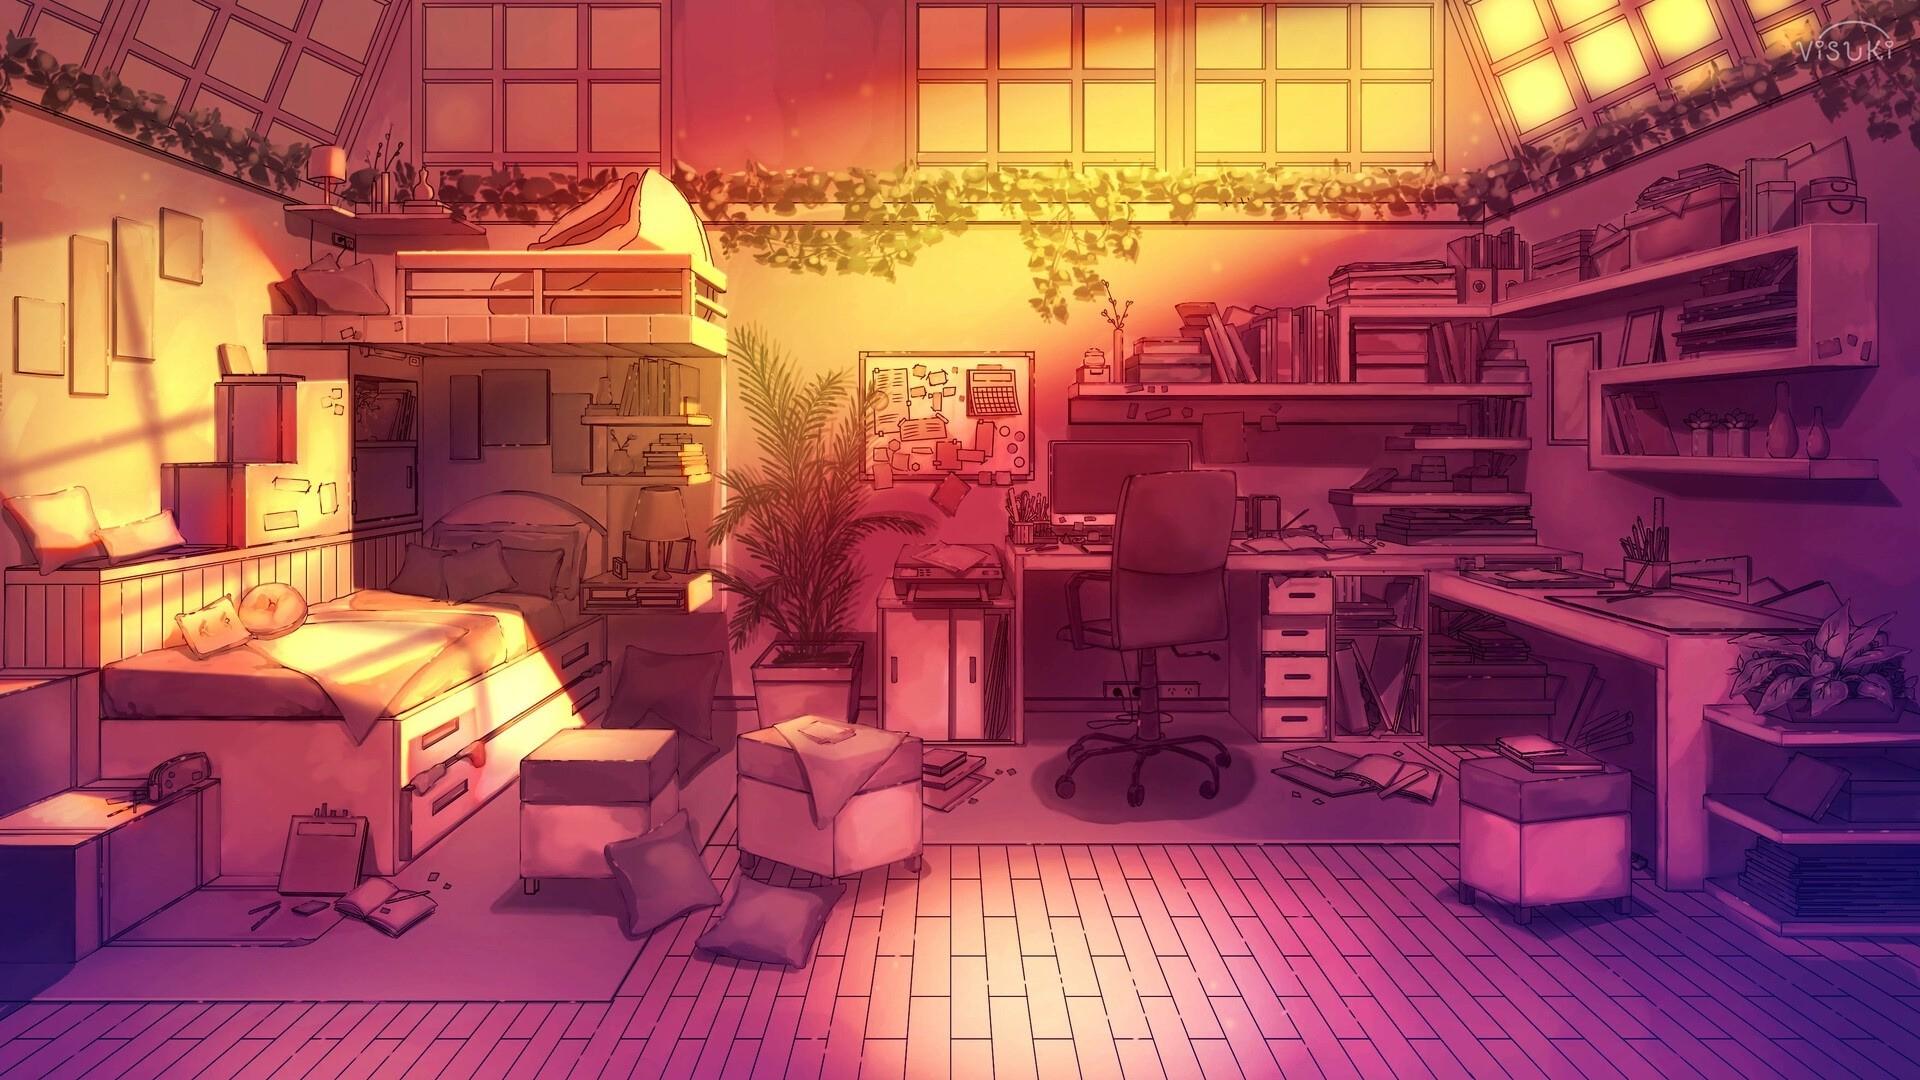 Anime Bedroom Desktop Wallpaper